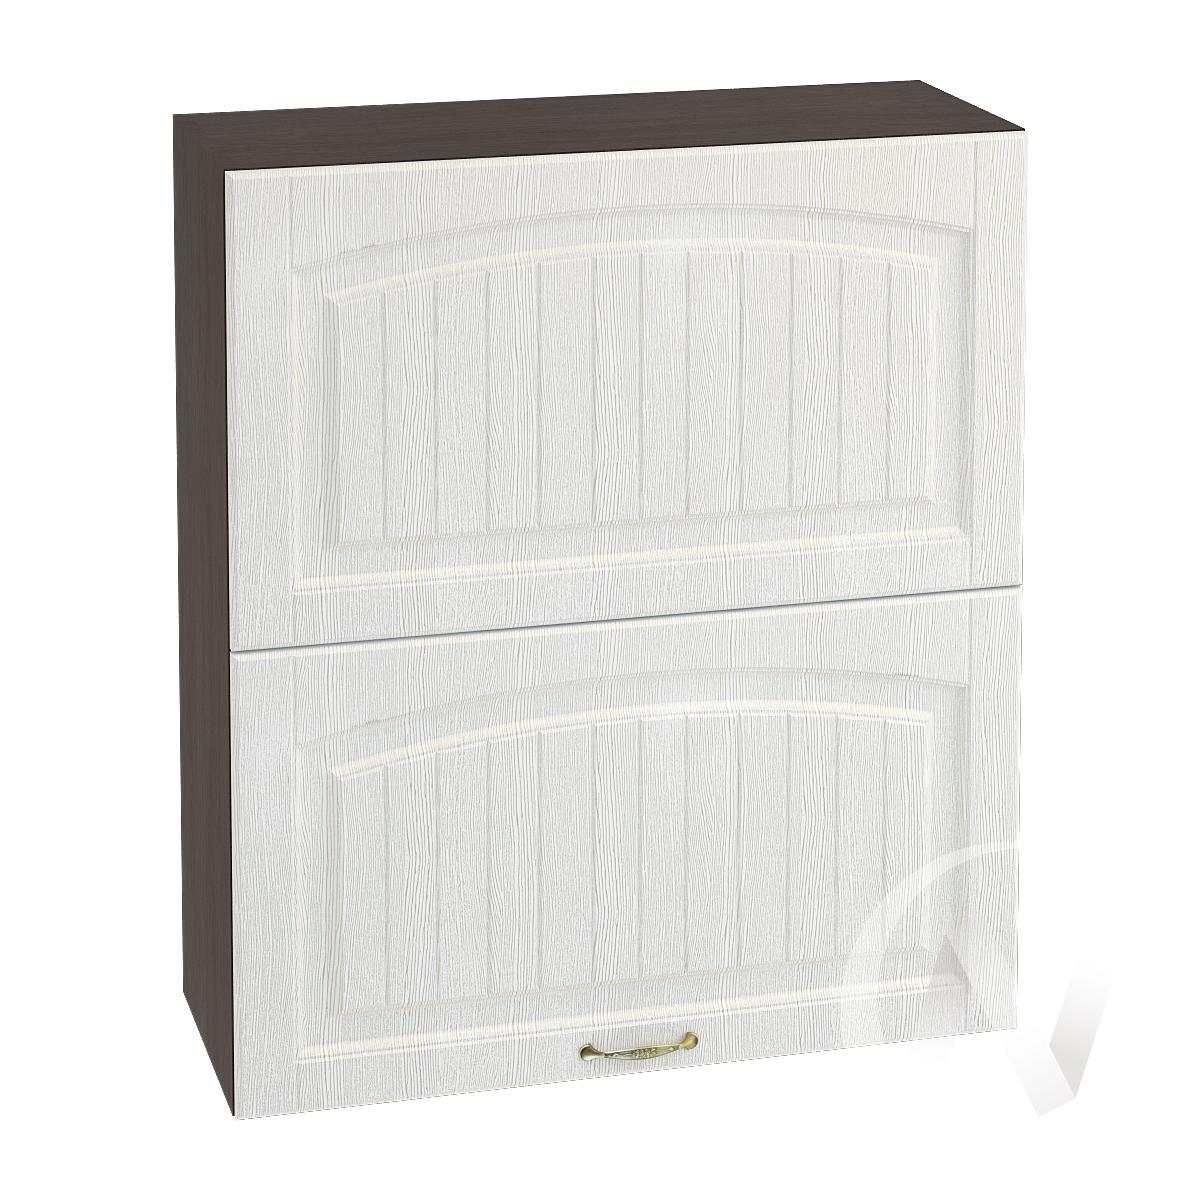 """Кухня """"Верона"""": Шкаф верхний горизонтальный 802, ШВГ 802 (ясень золотистый/корпус венге)"""